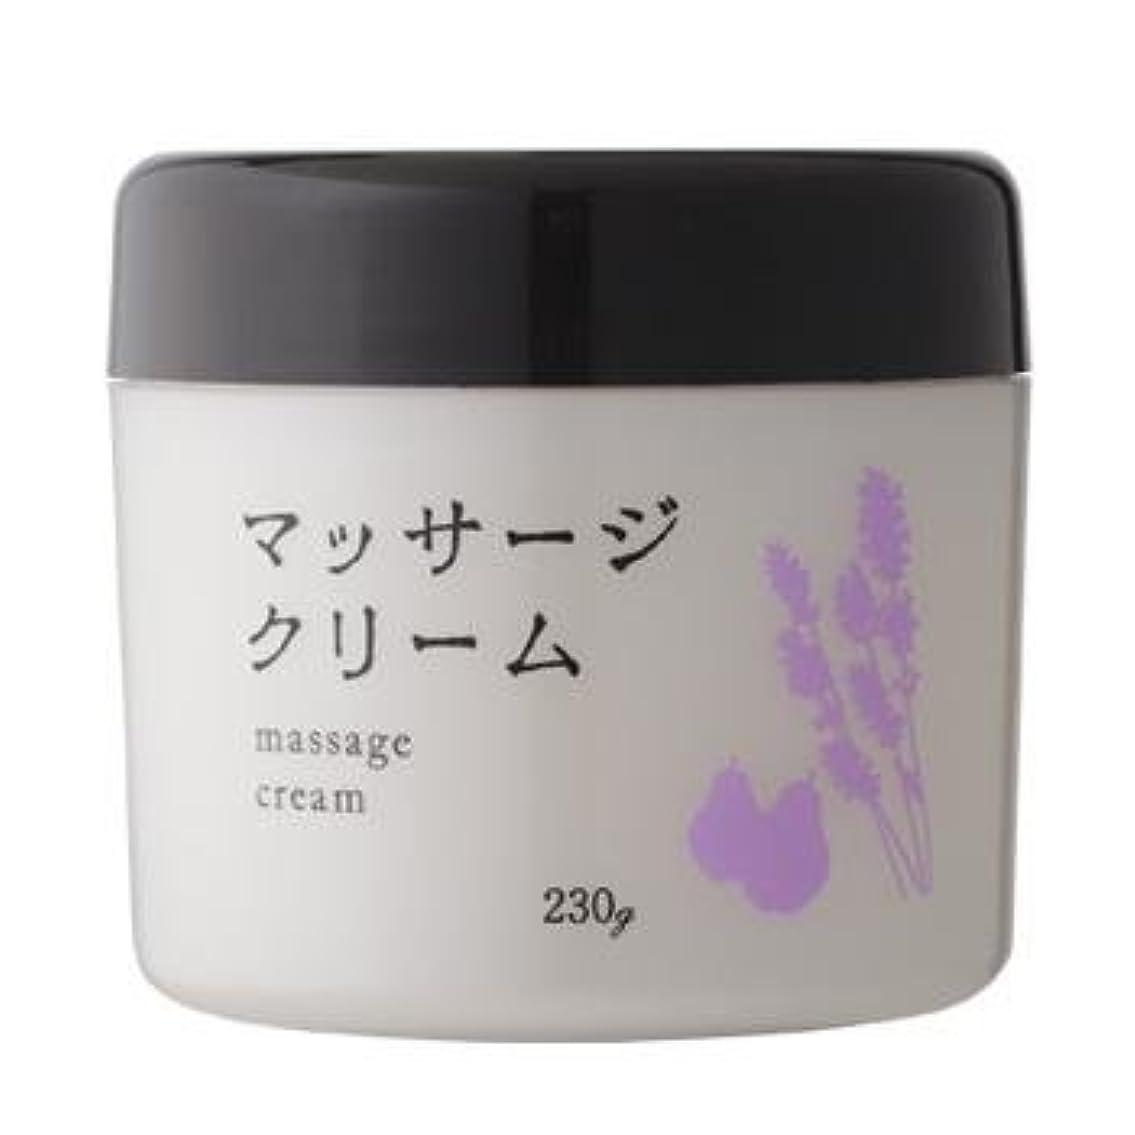 全国勧告ピンハイム化粧品/マッサージクリーム【スペシャルスキンケア】